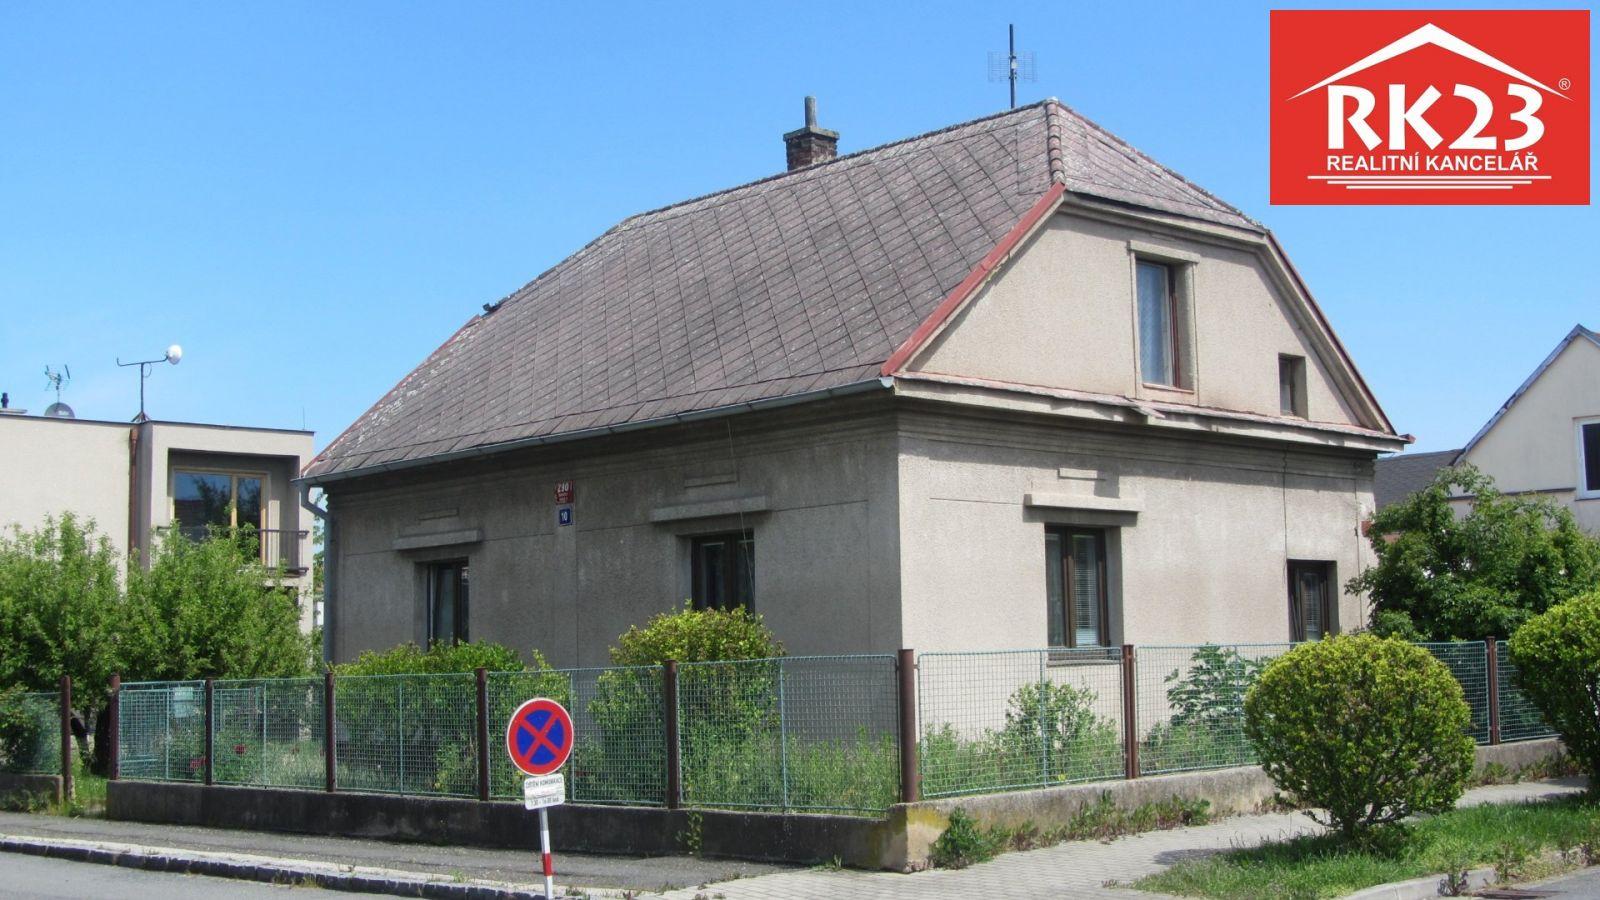 Prodej, Rodinný dům 99m2, Praha 9 - Čakovice, Plajnerova ul.